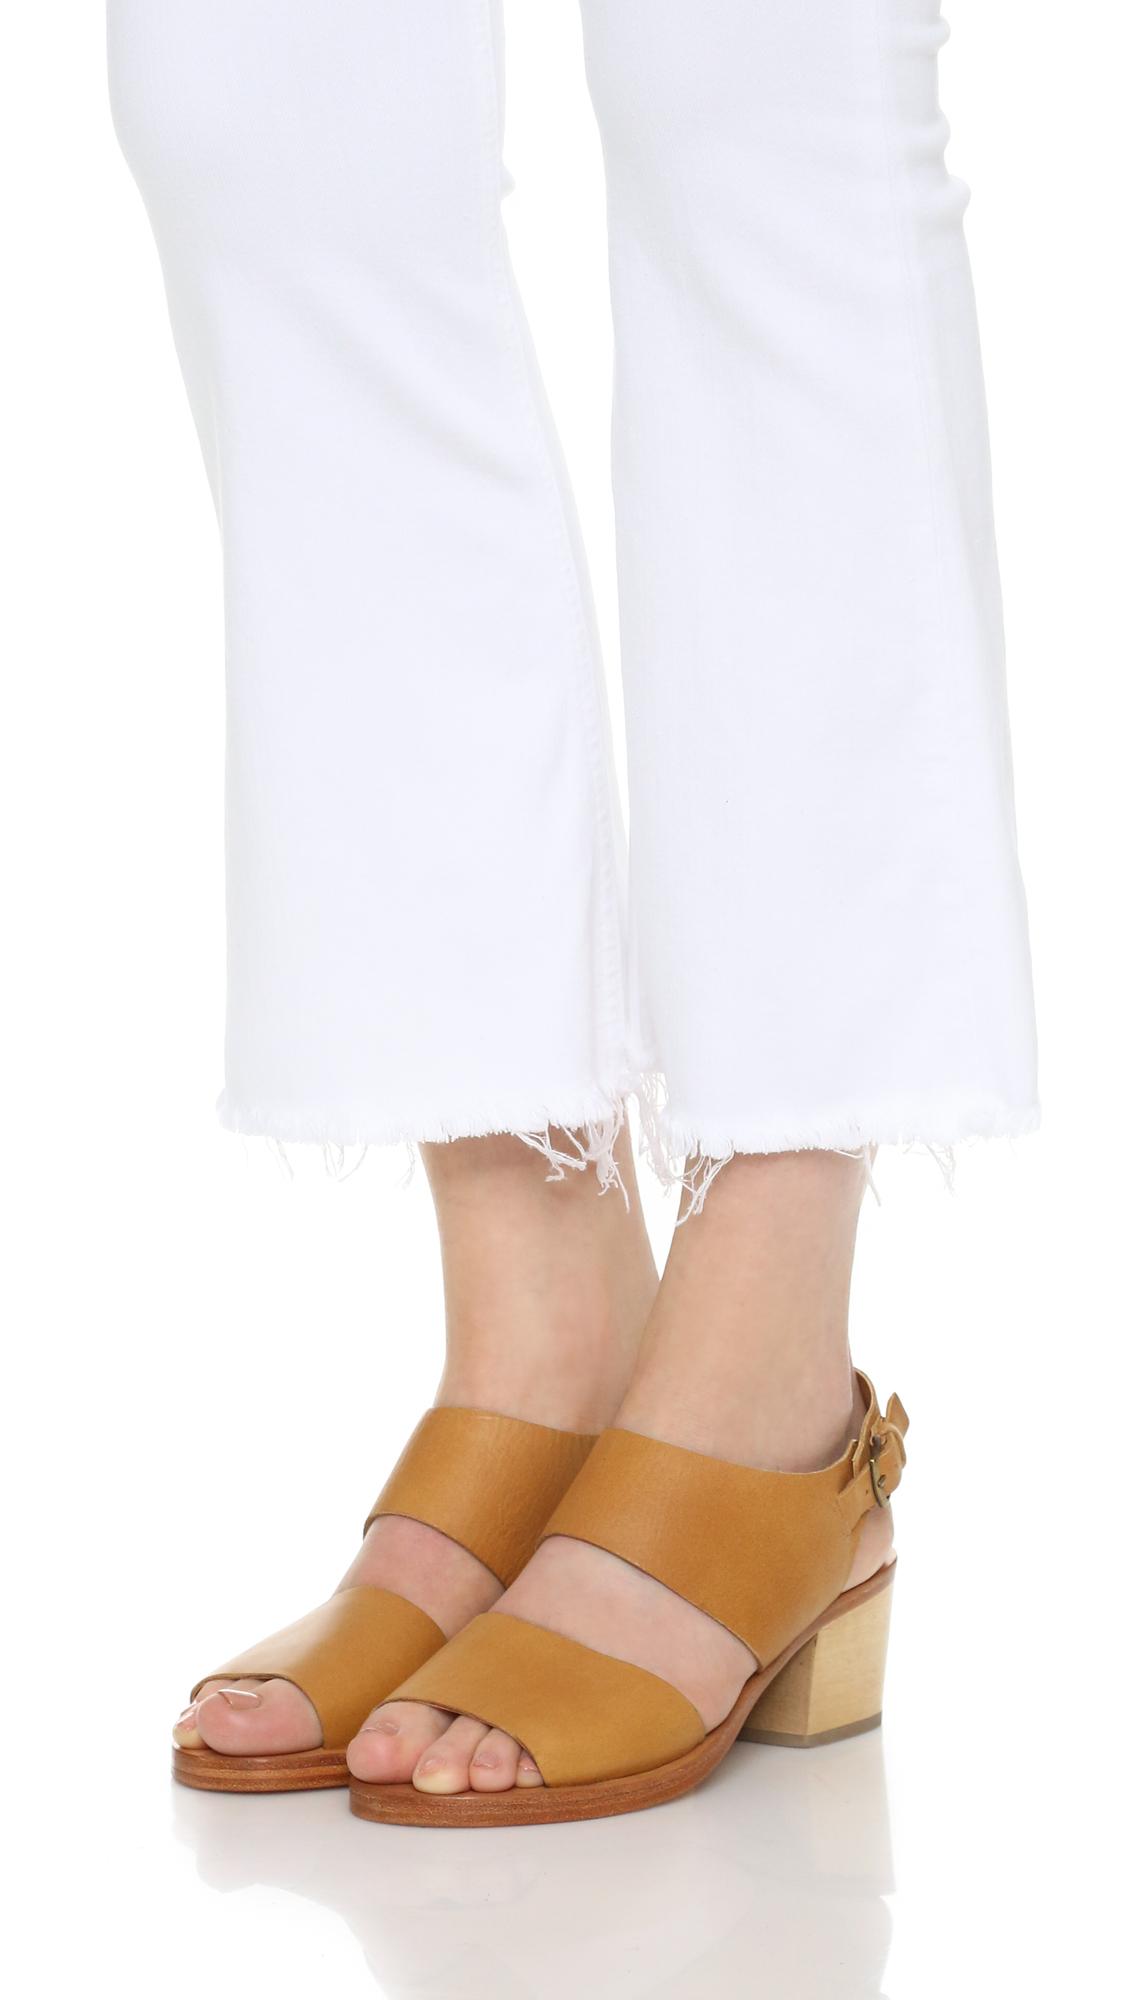 ac788a7885c Rachel Comey Tulip Sandals